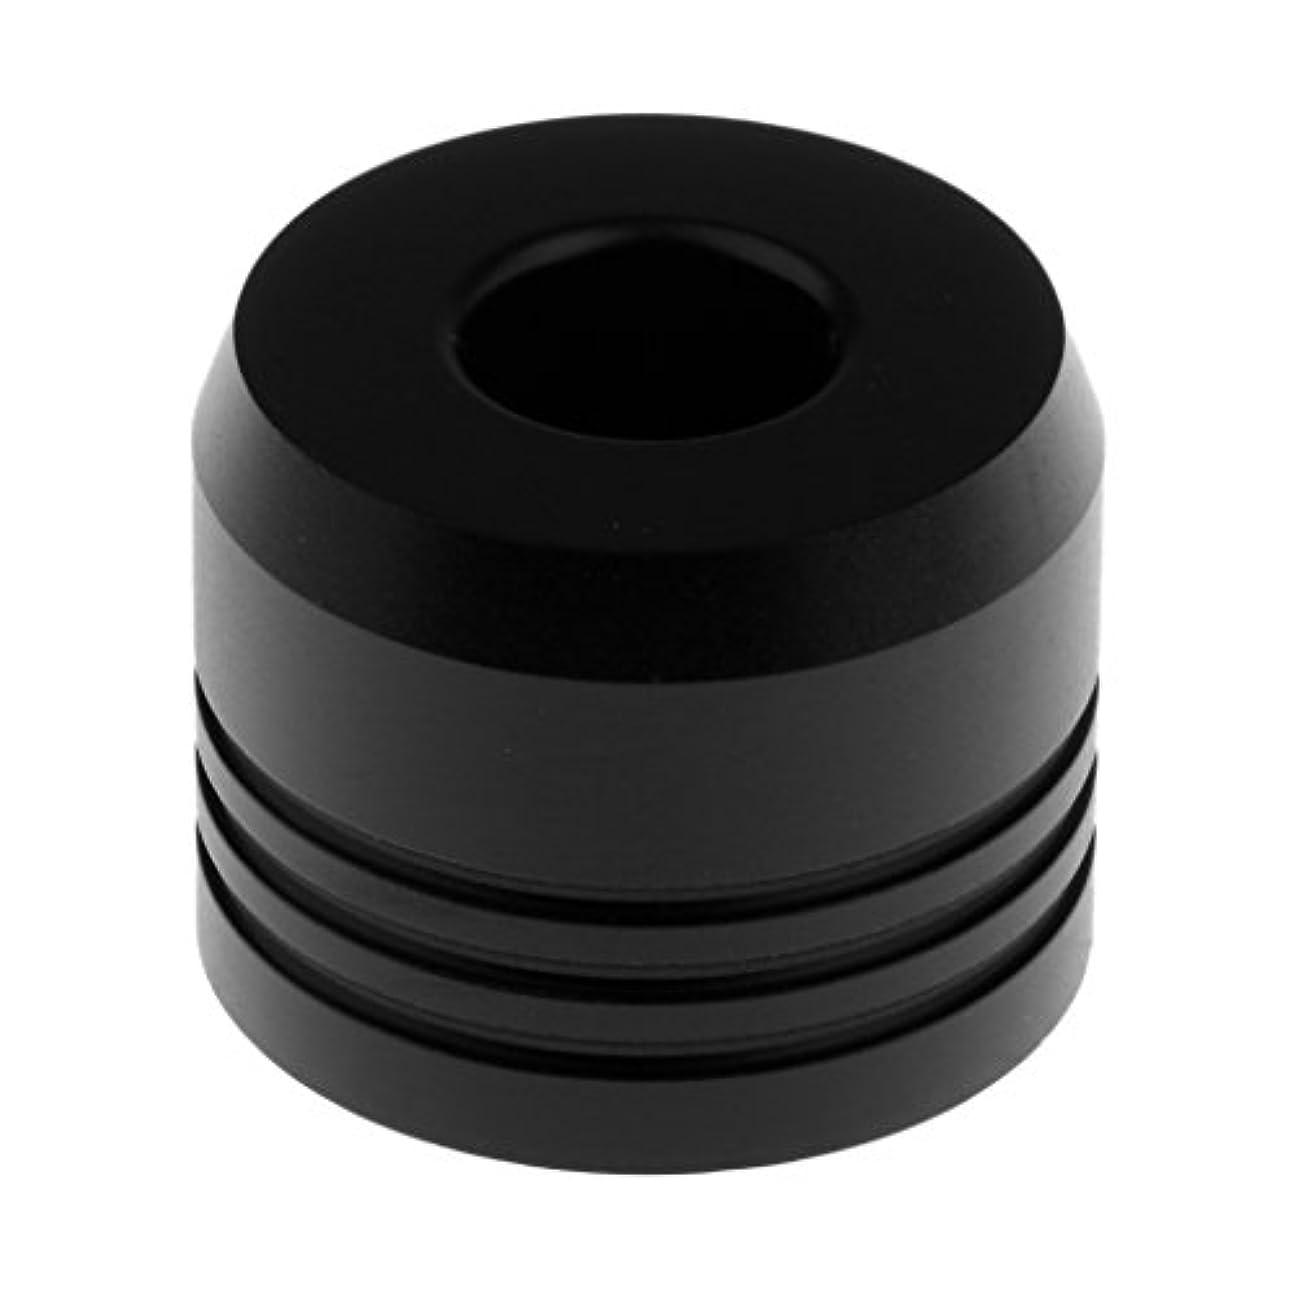 作りスポンジ仲間、同僚Perfk カミソリスタンド スタンド メンズ シェービング カミソリホルダー サポート 調節可 ベース 2色選べ   - ブラック